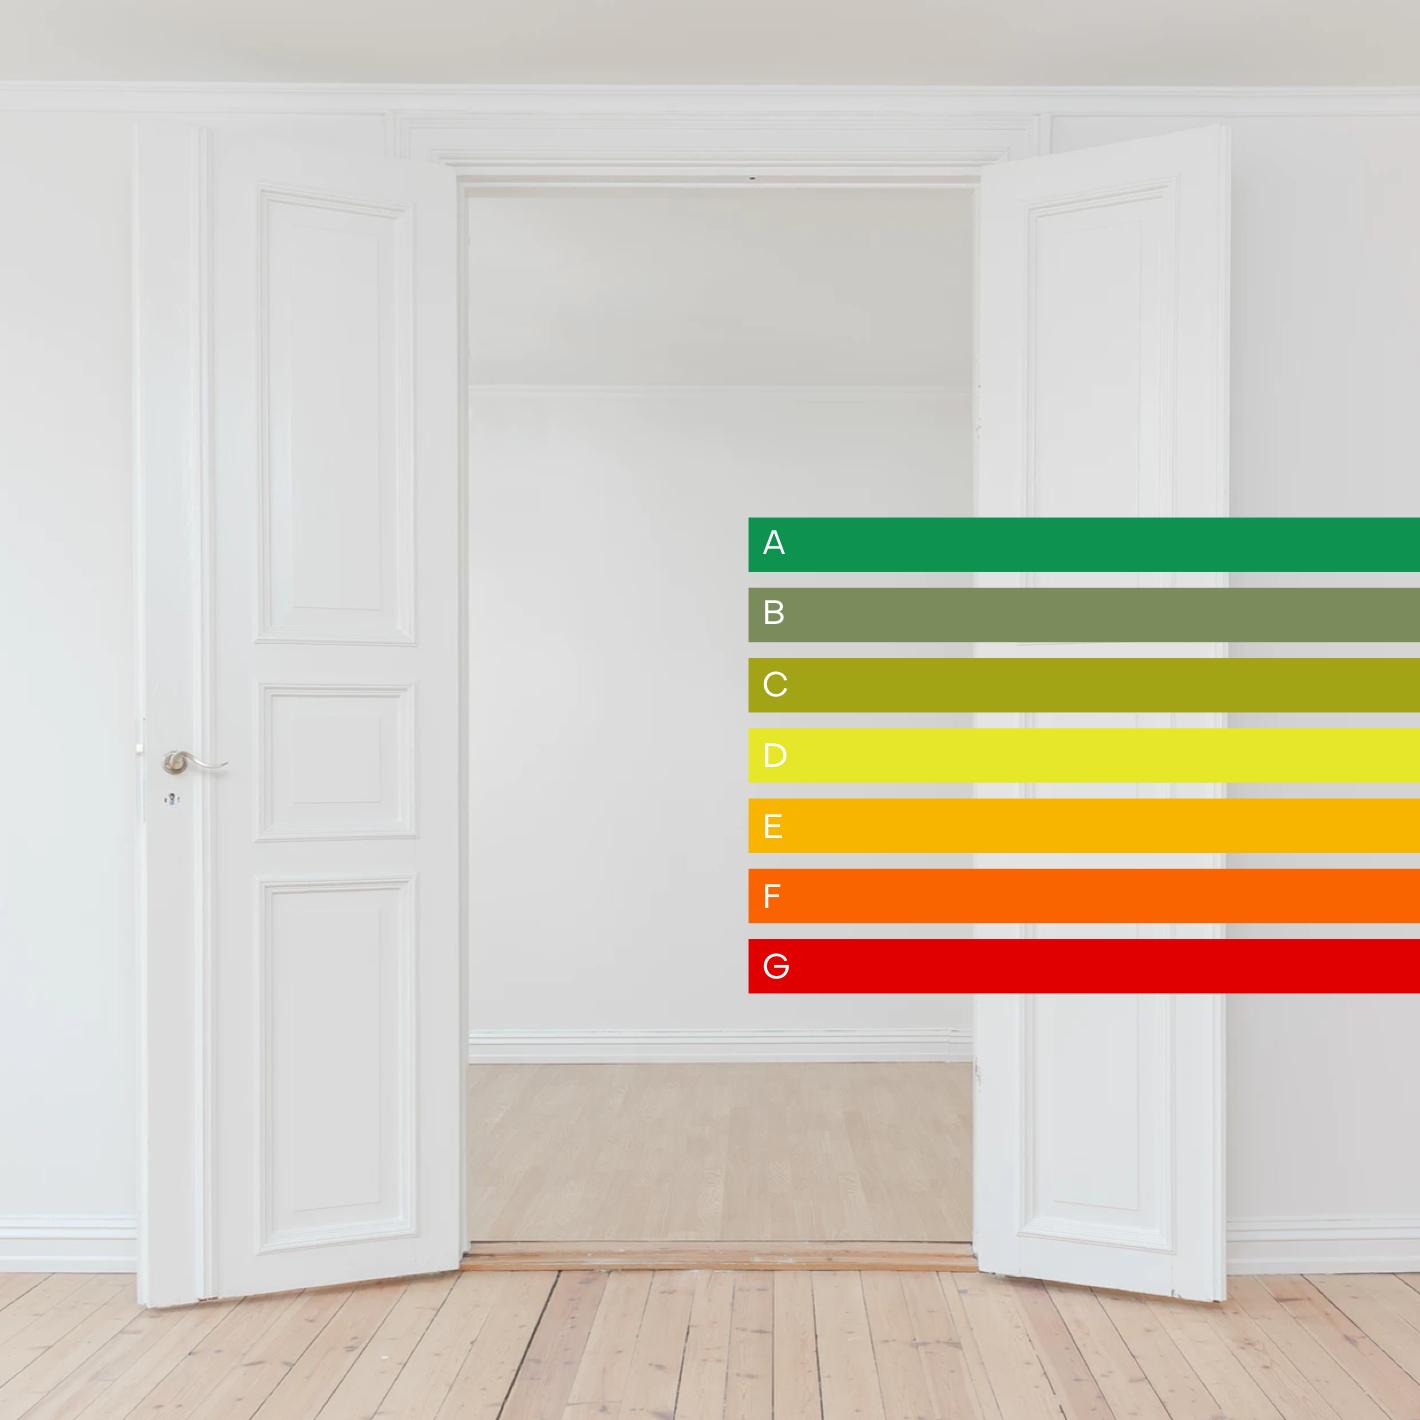 Quan és necessari el certificat energètic?